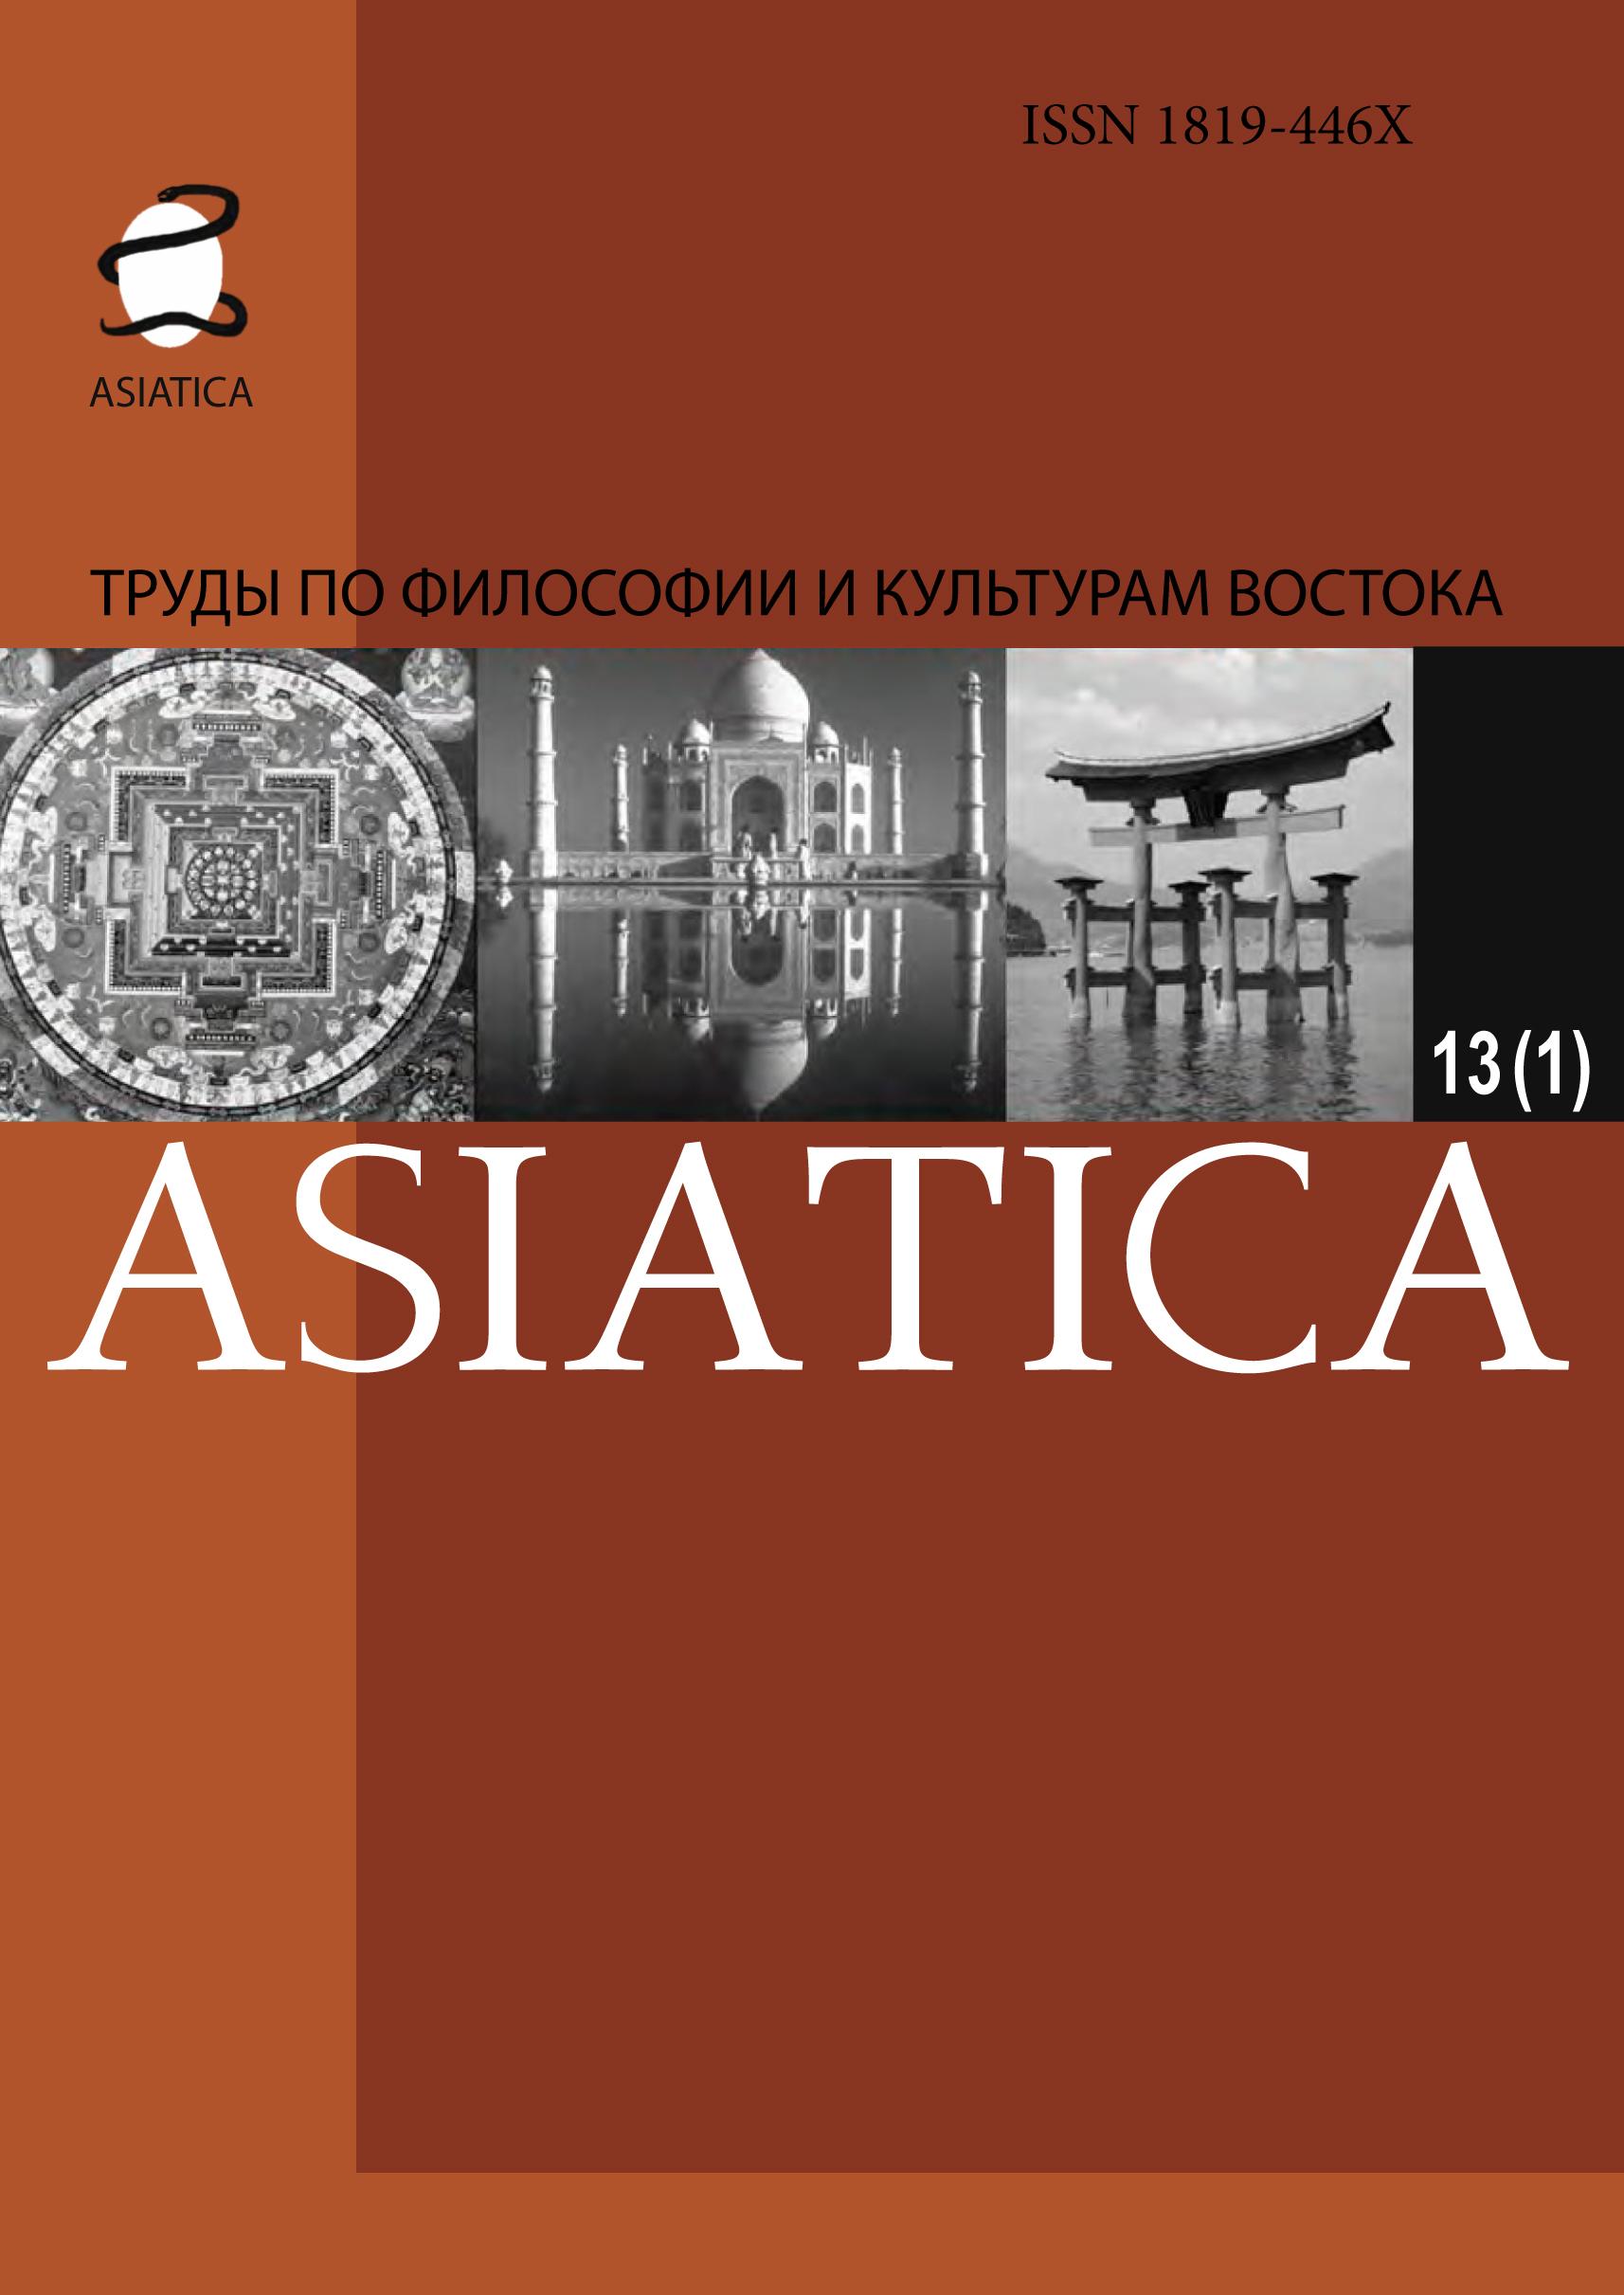 ASIATICA. Труды по философии и культурам Востока. Выпуск 13(1)